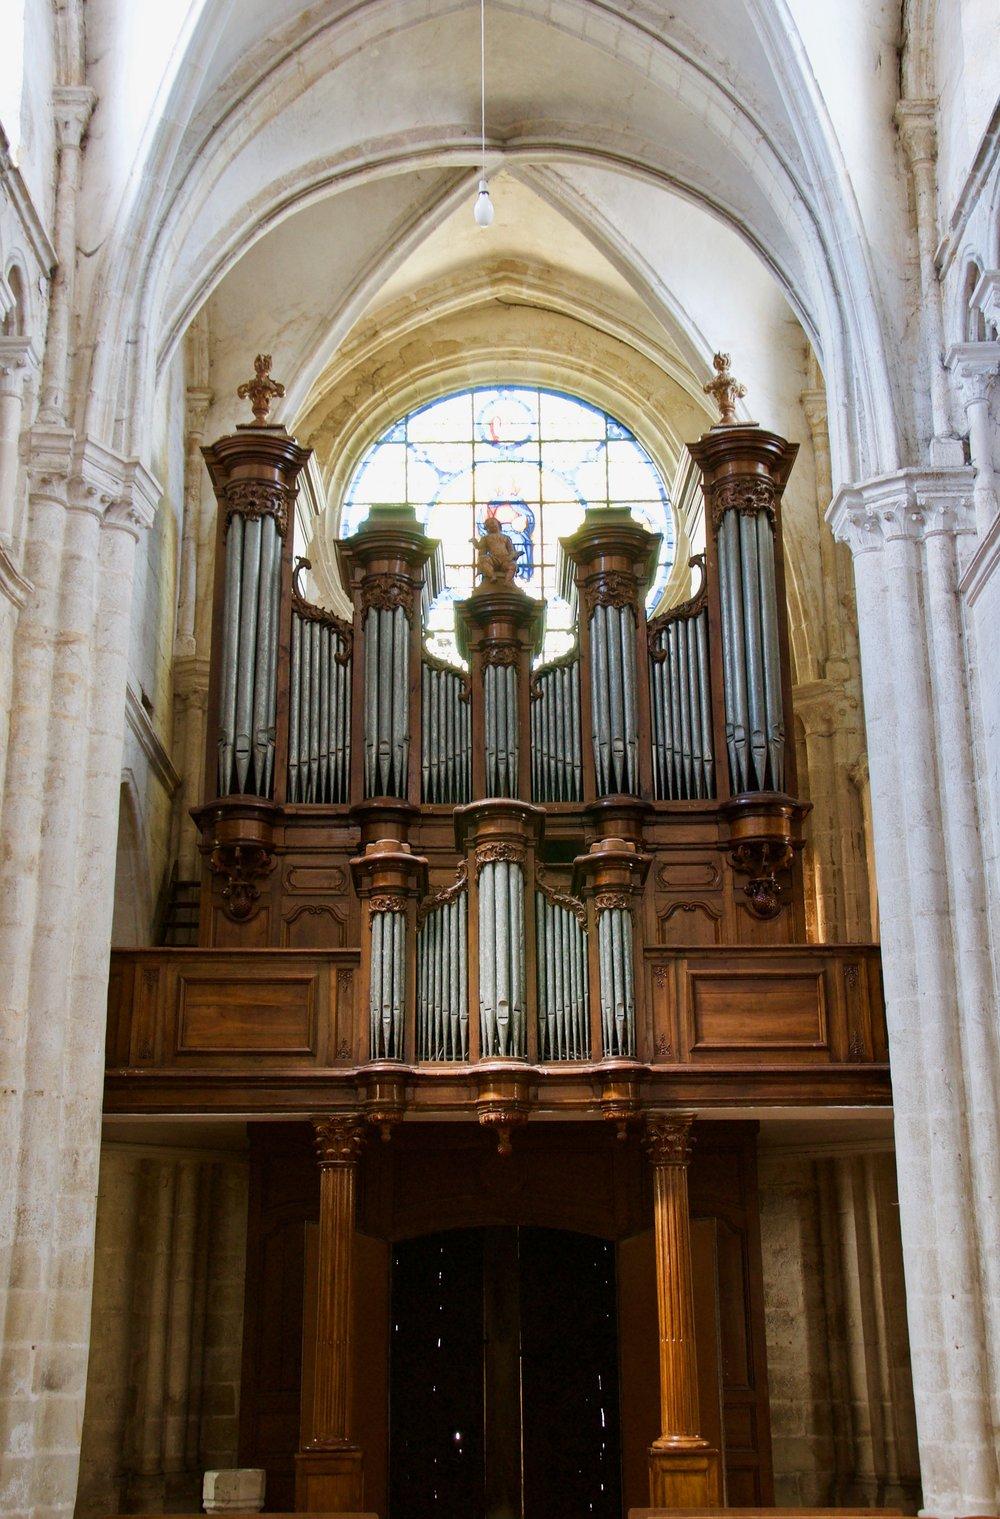 Rozay-en-Brie organ